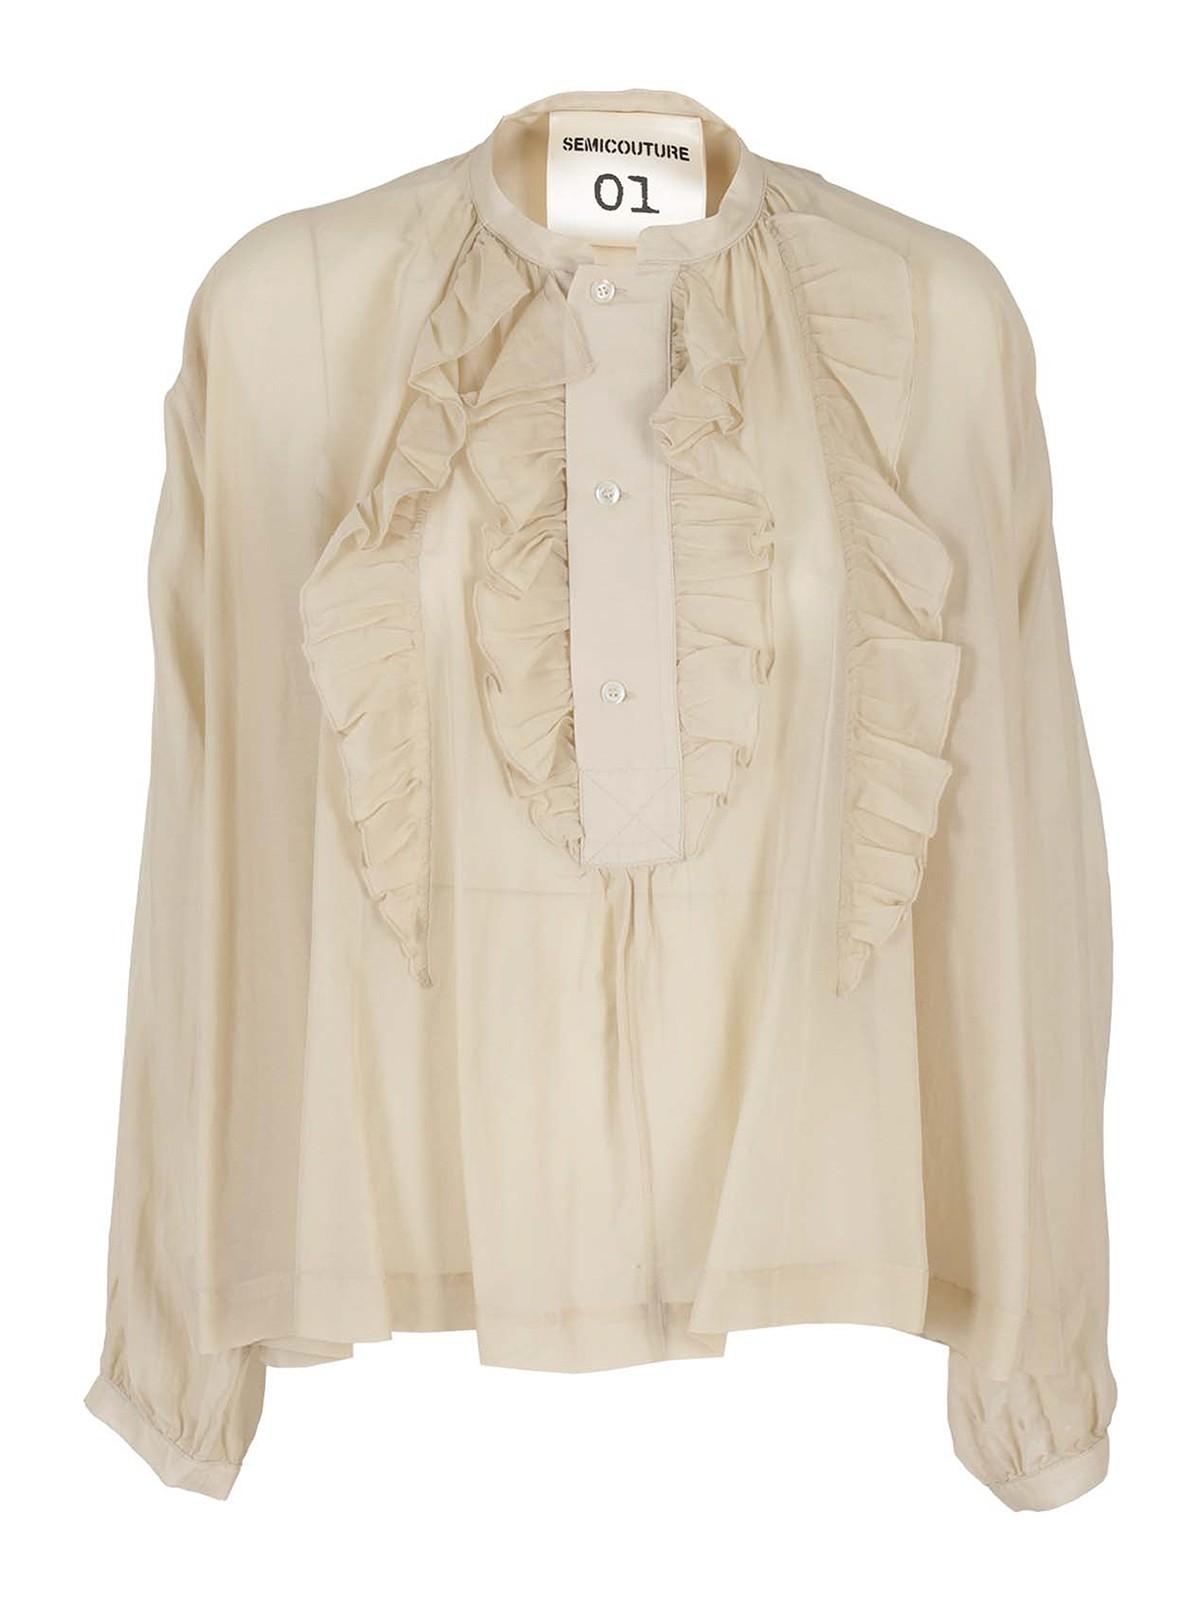 Semicouture Shirts BIBIANE BLOUSE